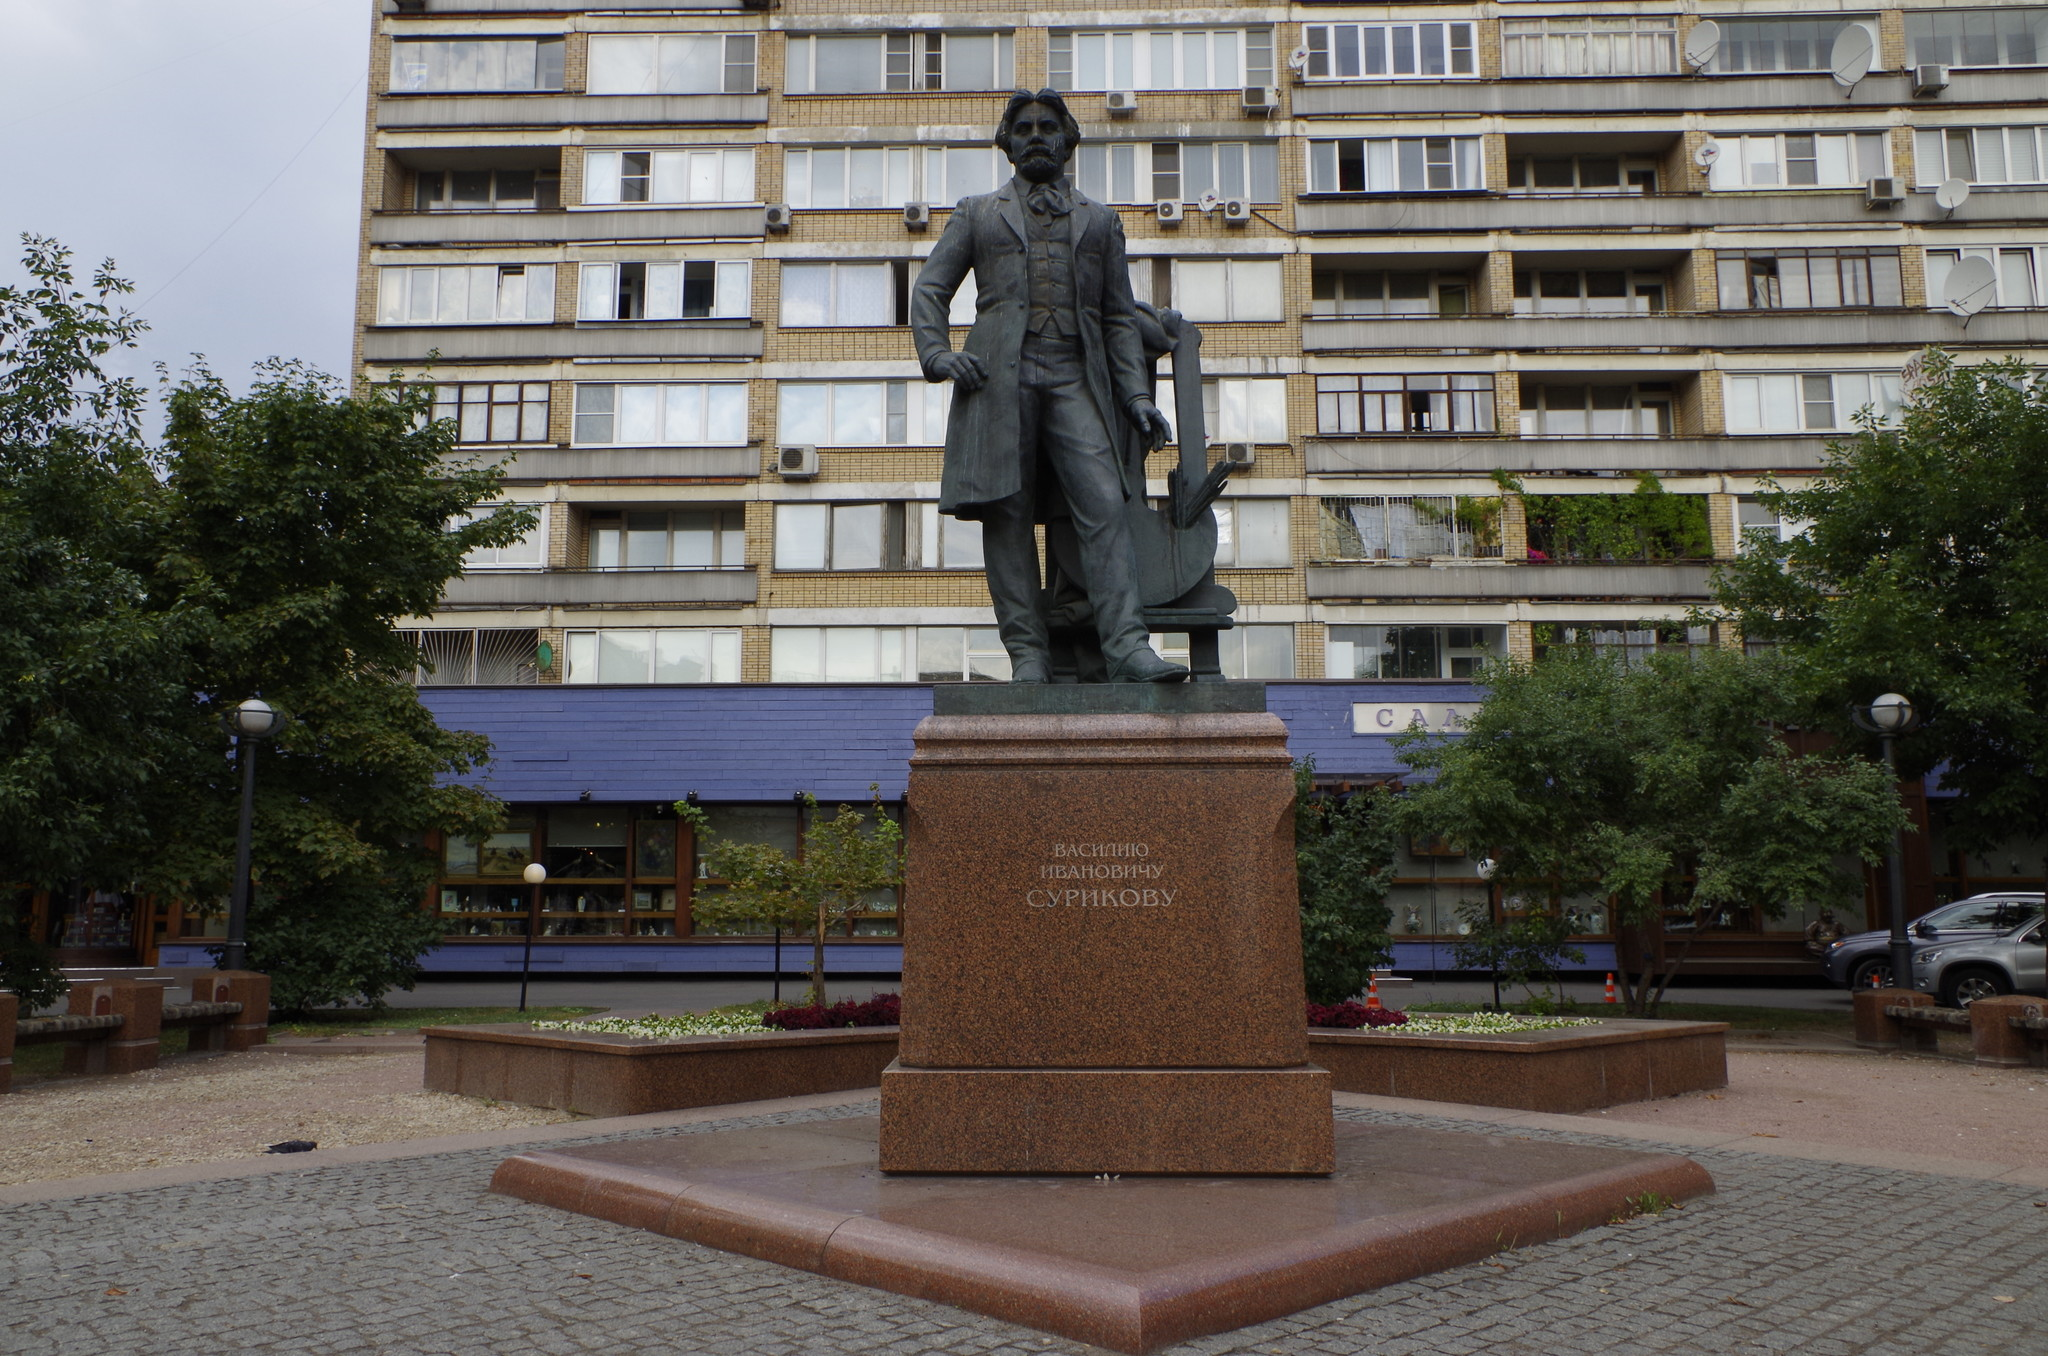 Памятник В.И. Сурикову (скульптор - М.В. Переяславец, архитектор А.П. Семёнов) открыт в 2003 году